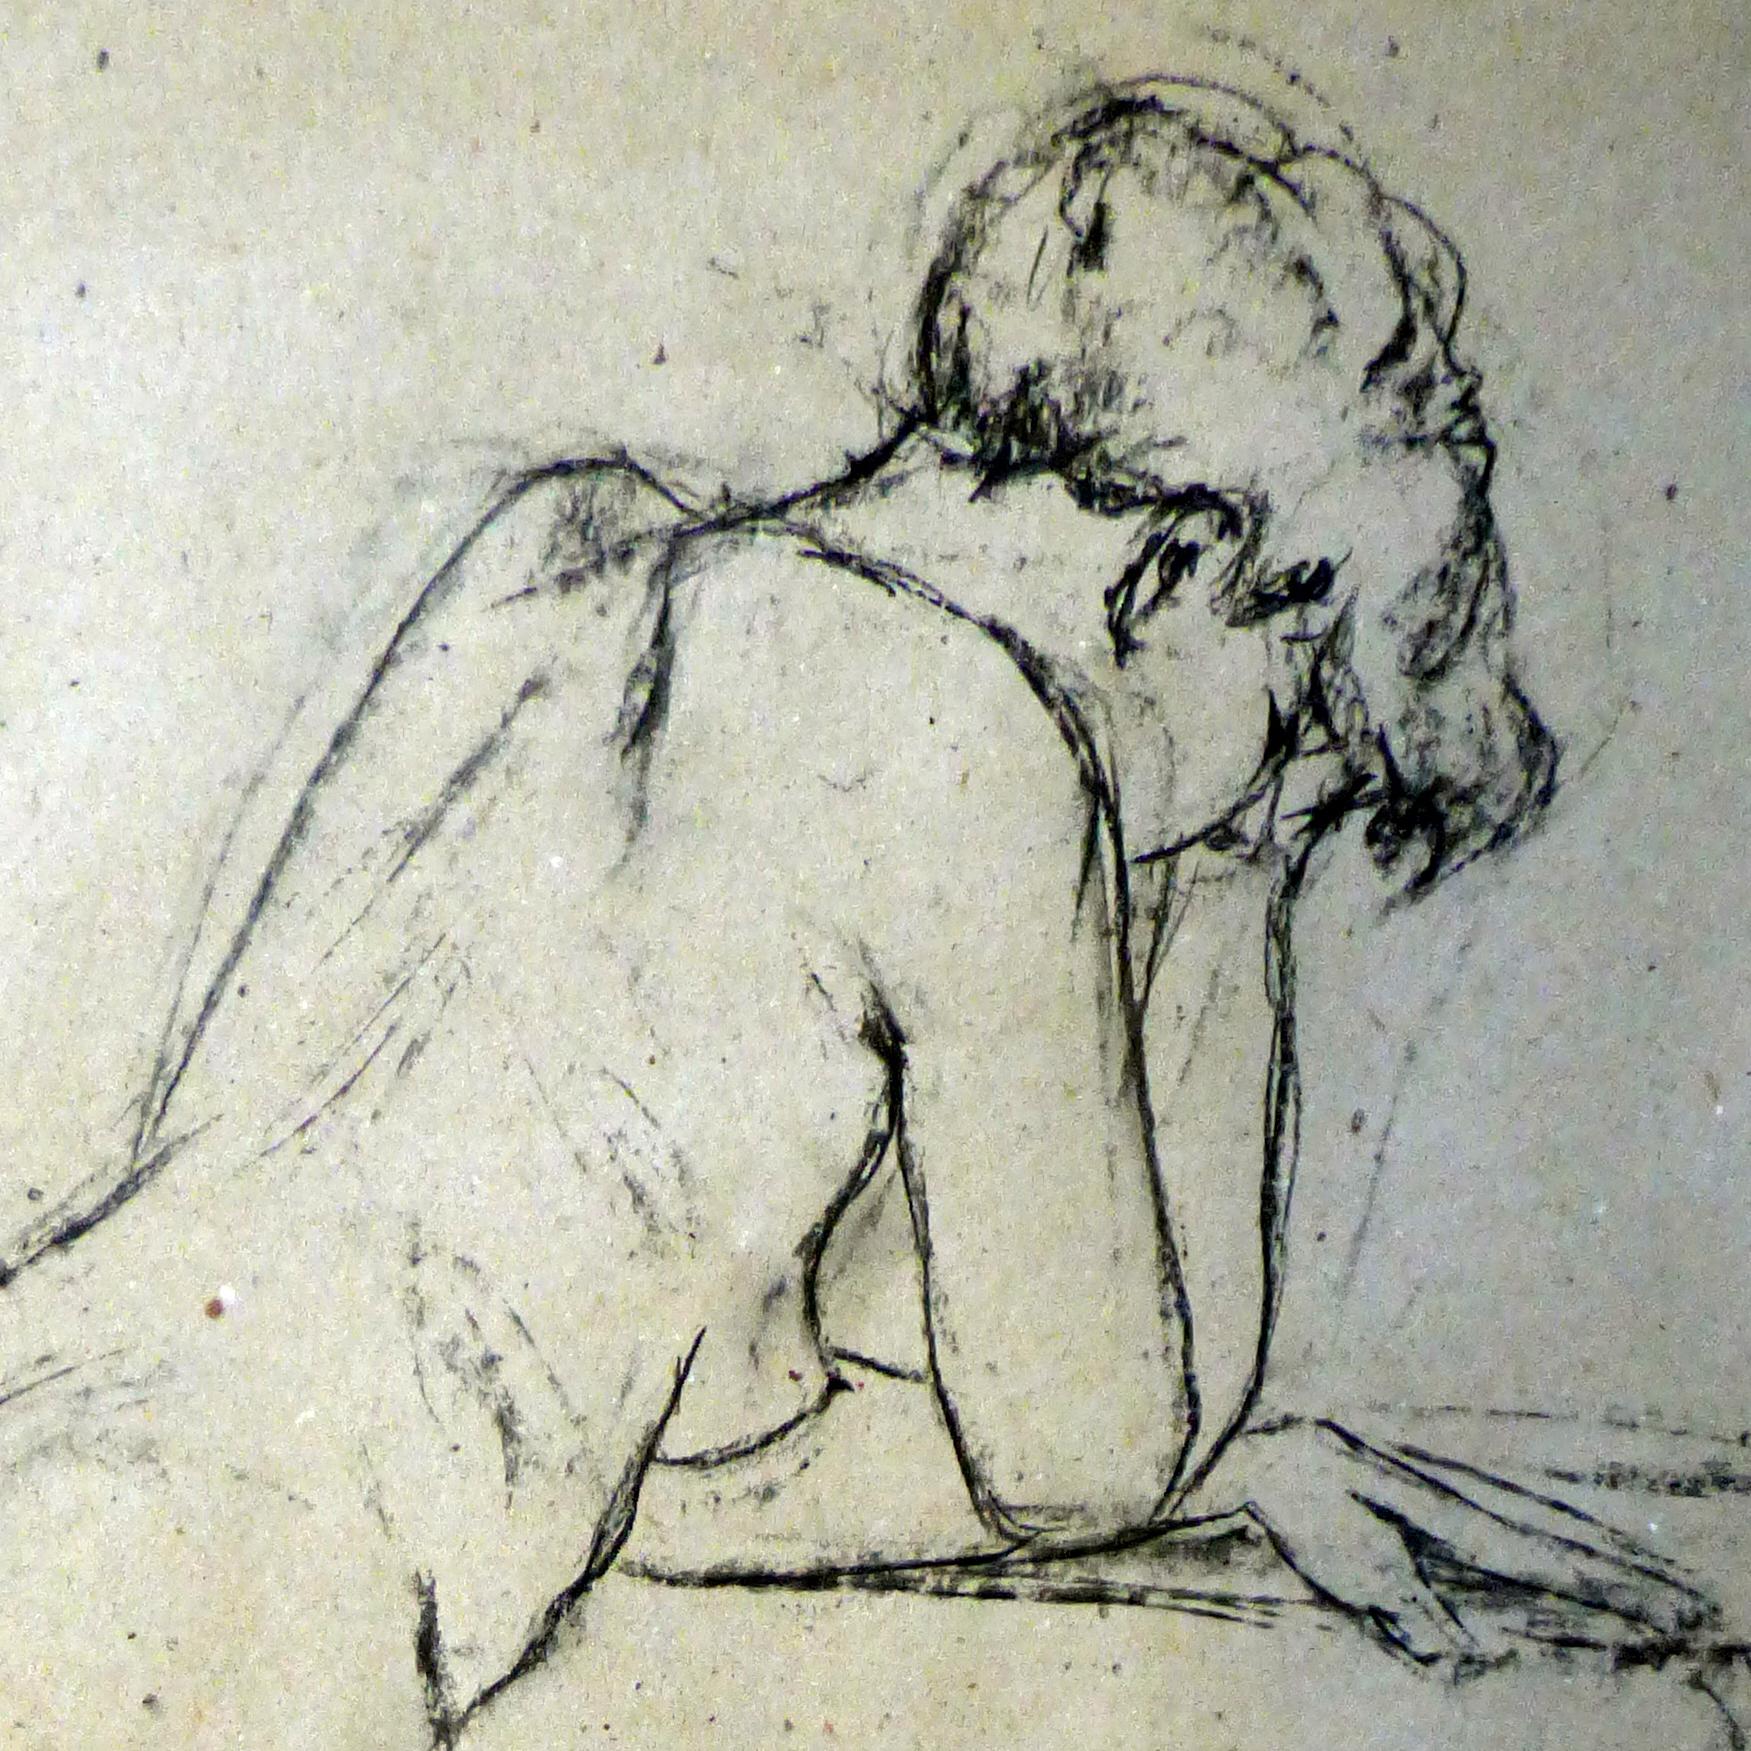 zeichnung-ii-auf-holz-20x20-2014